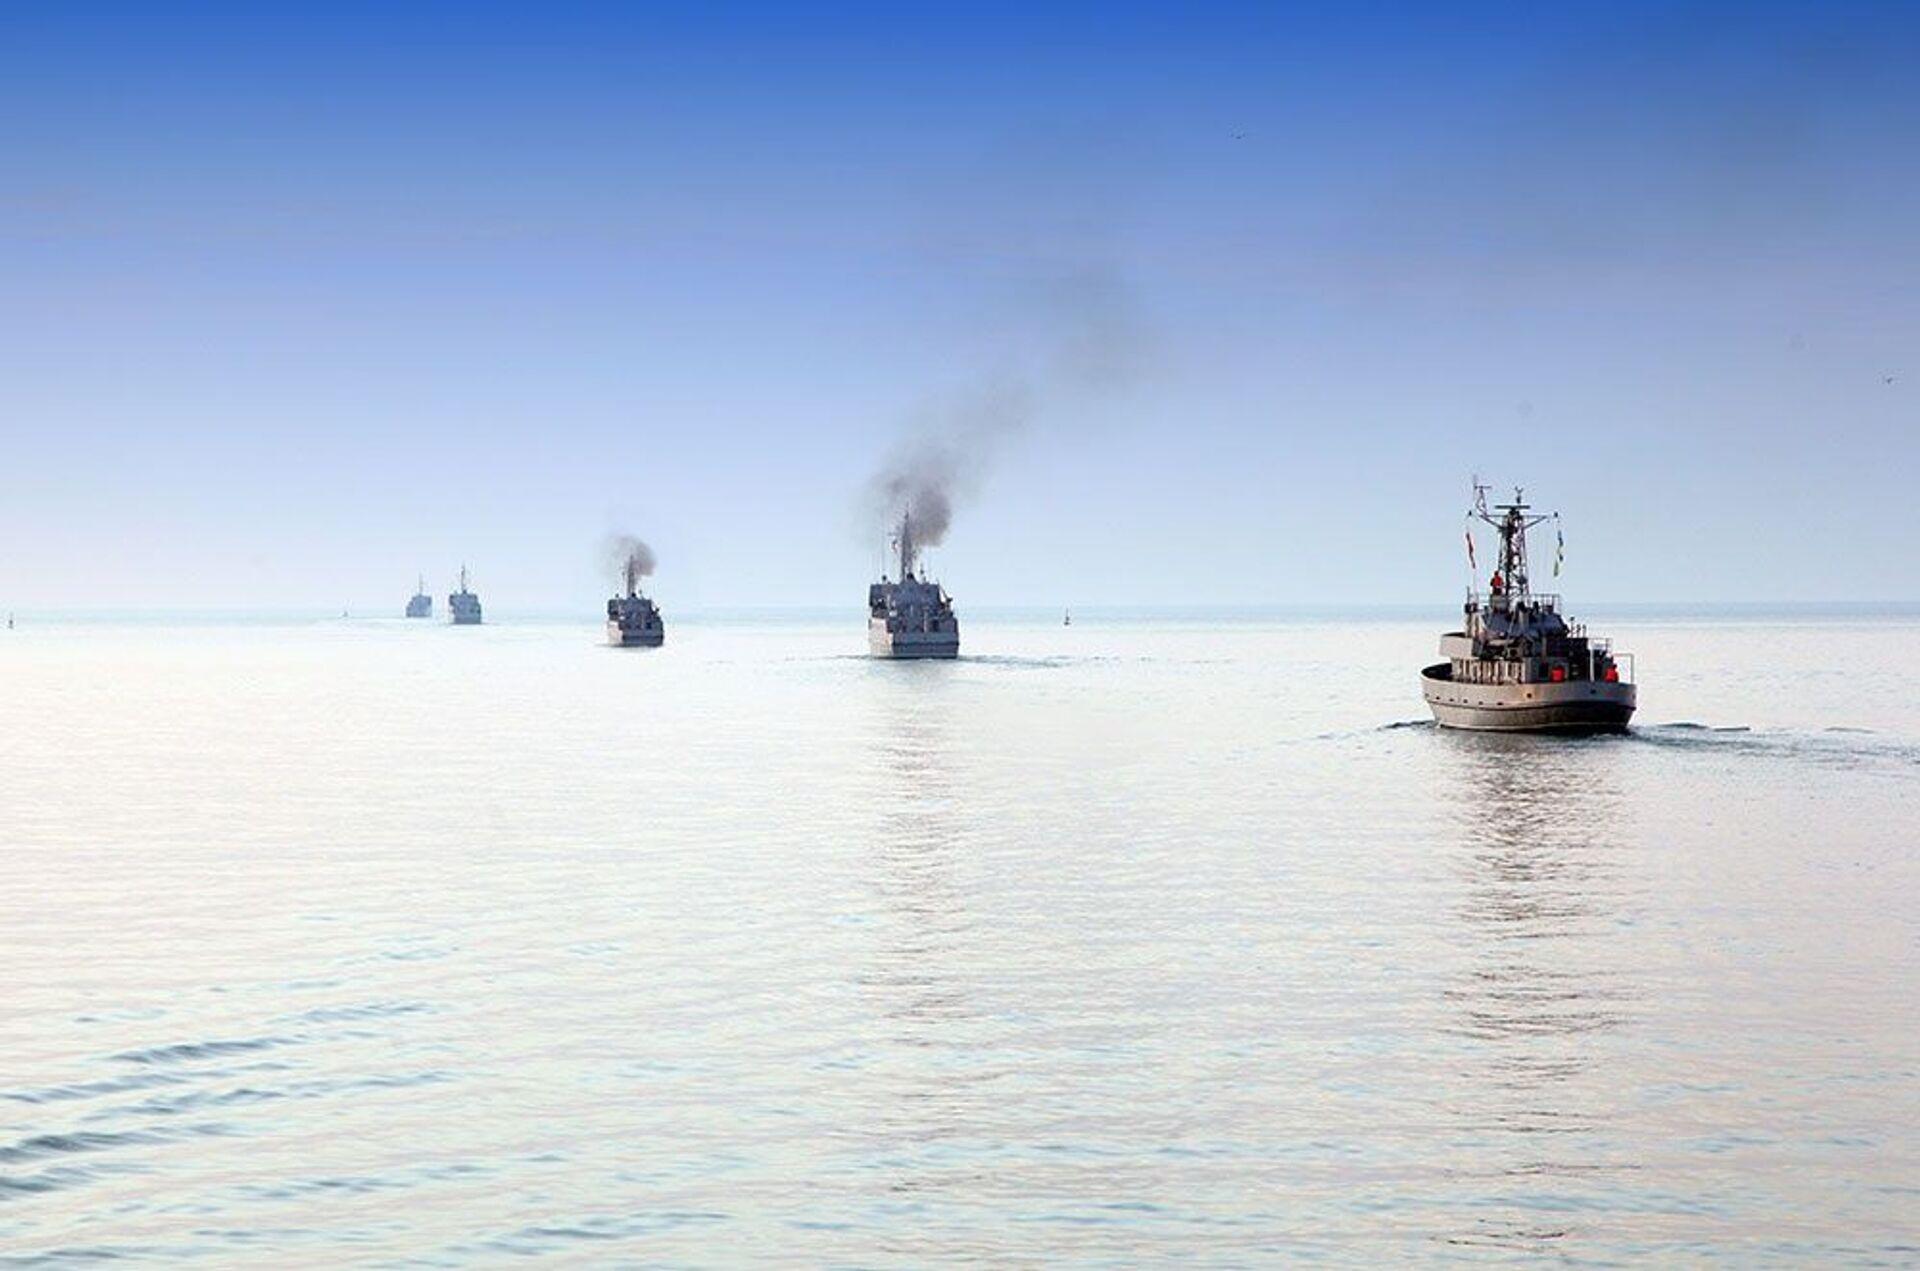 По случаю Дня памяти военные корабли произвели залповый огонь - Sputnik Азербайджан, 1920, 01.10.2021